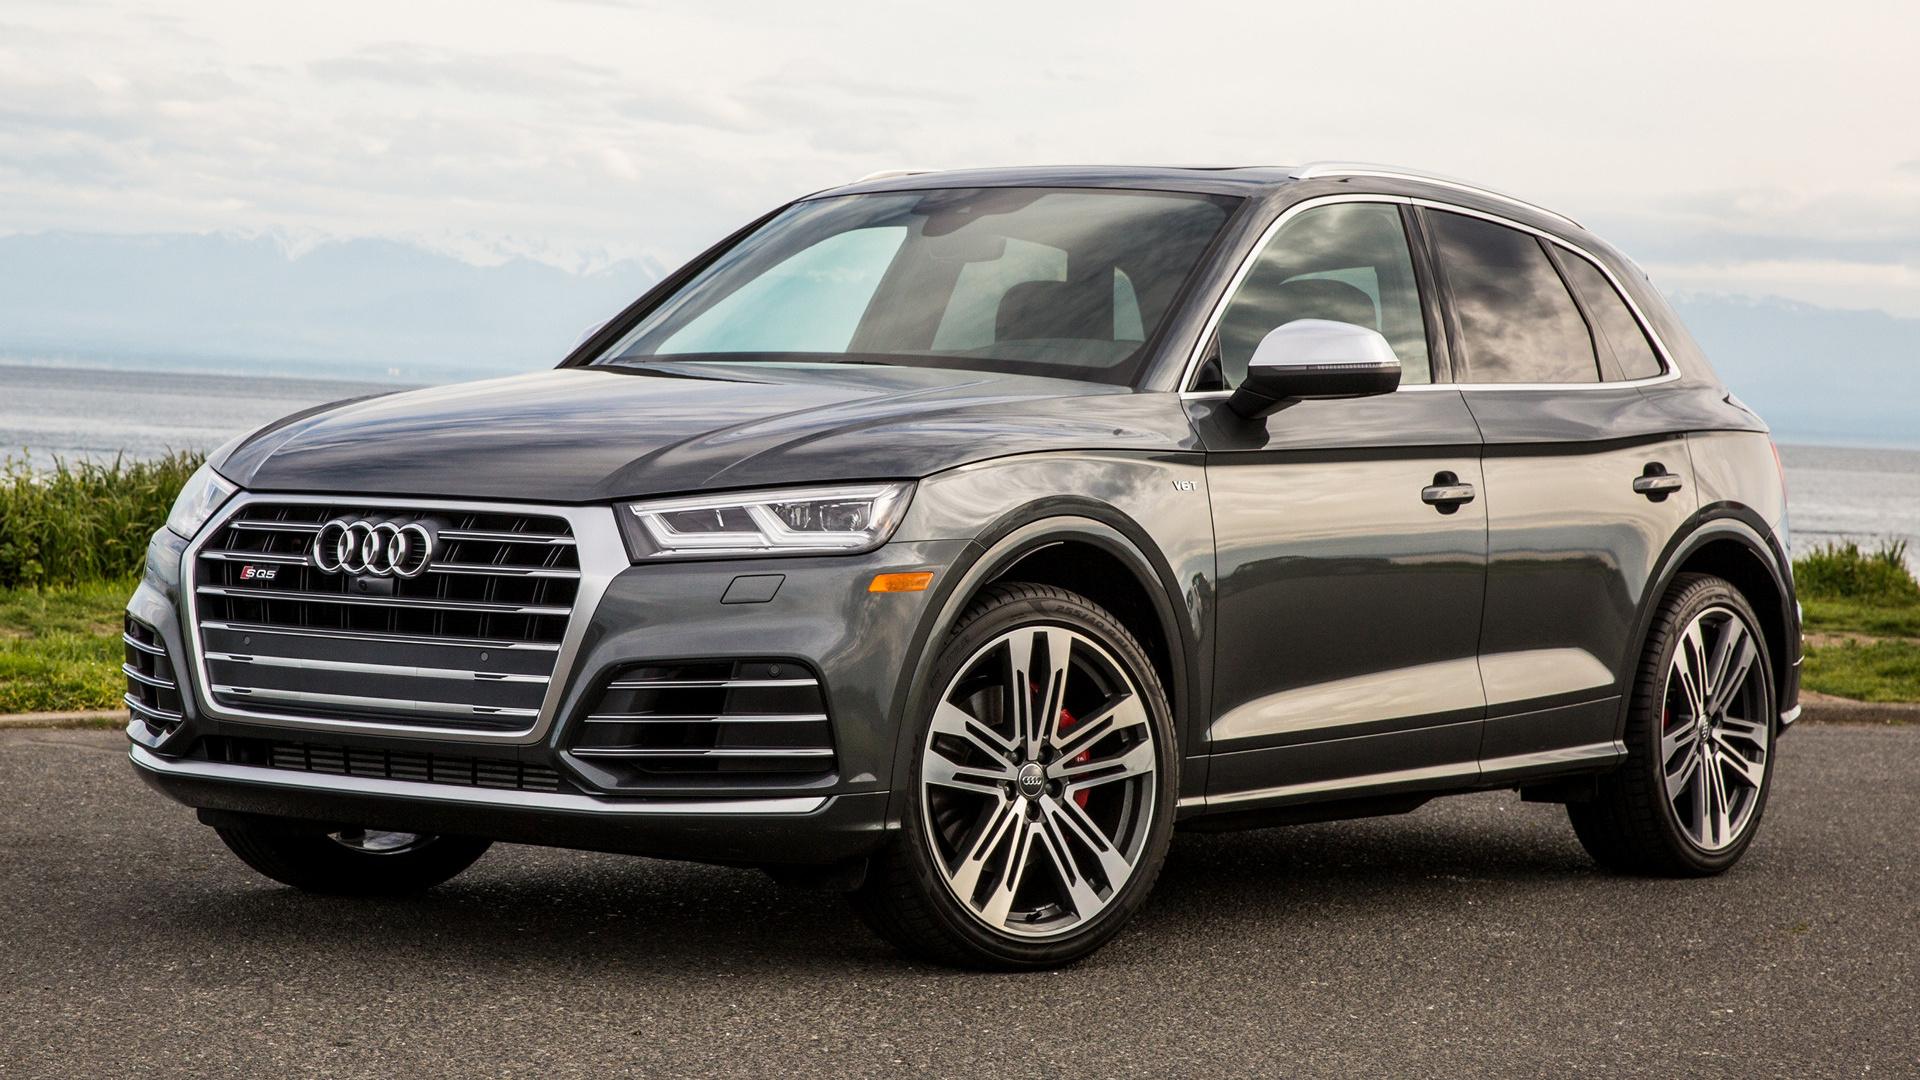 2018 Audi Sq5 Us Fondos De Pantalla E Imágenes En Hd